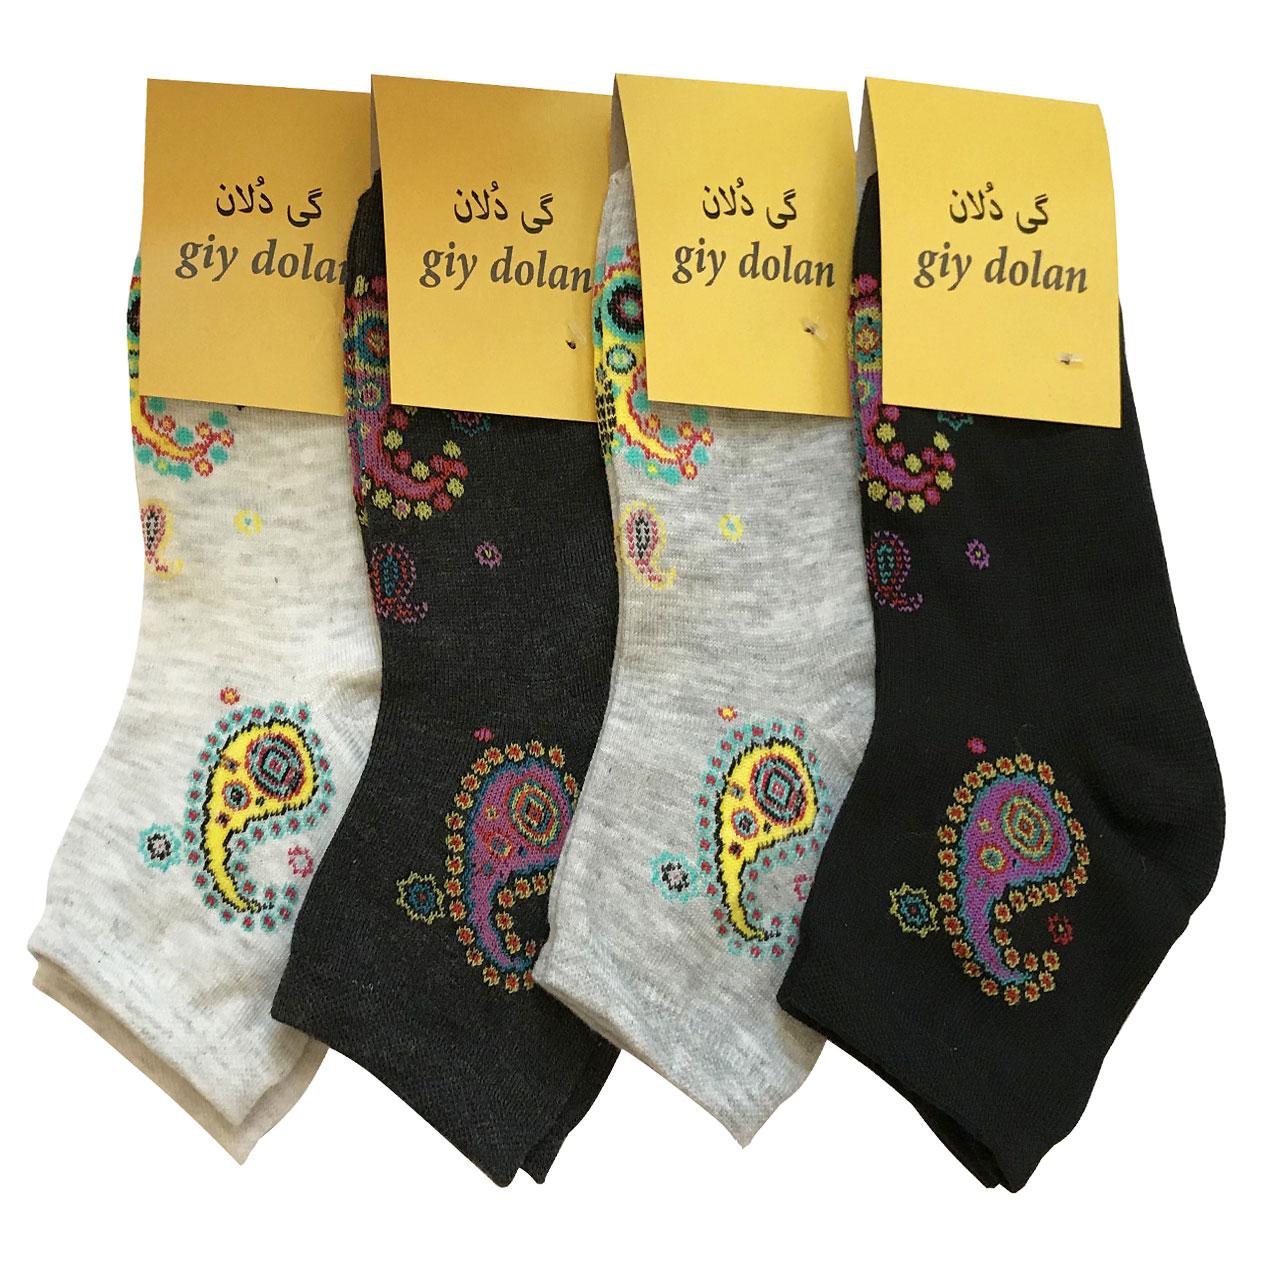 جوراب زنانه گی دلان طرح سنتی کد 066 مجموعه  4 عددی